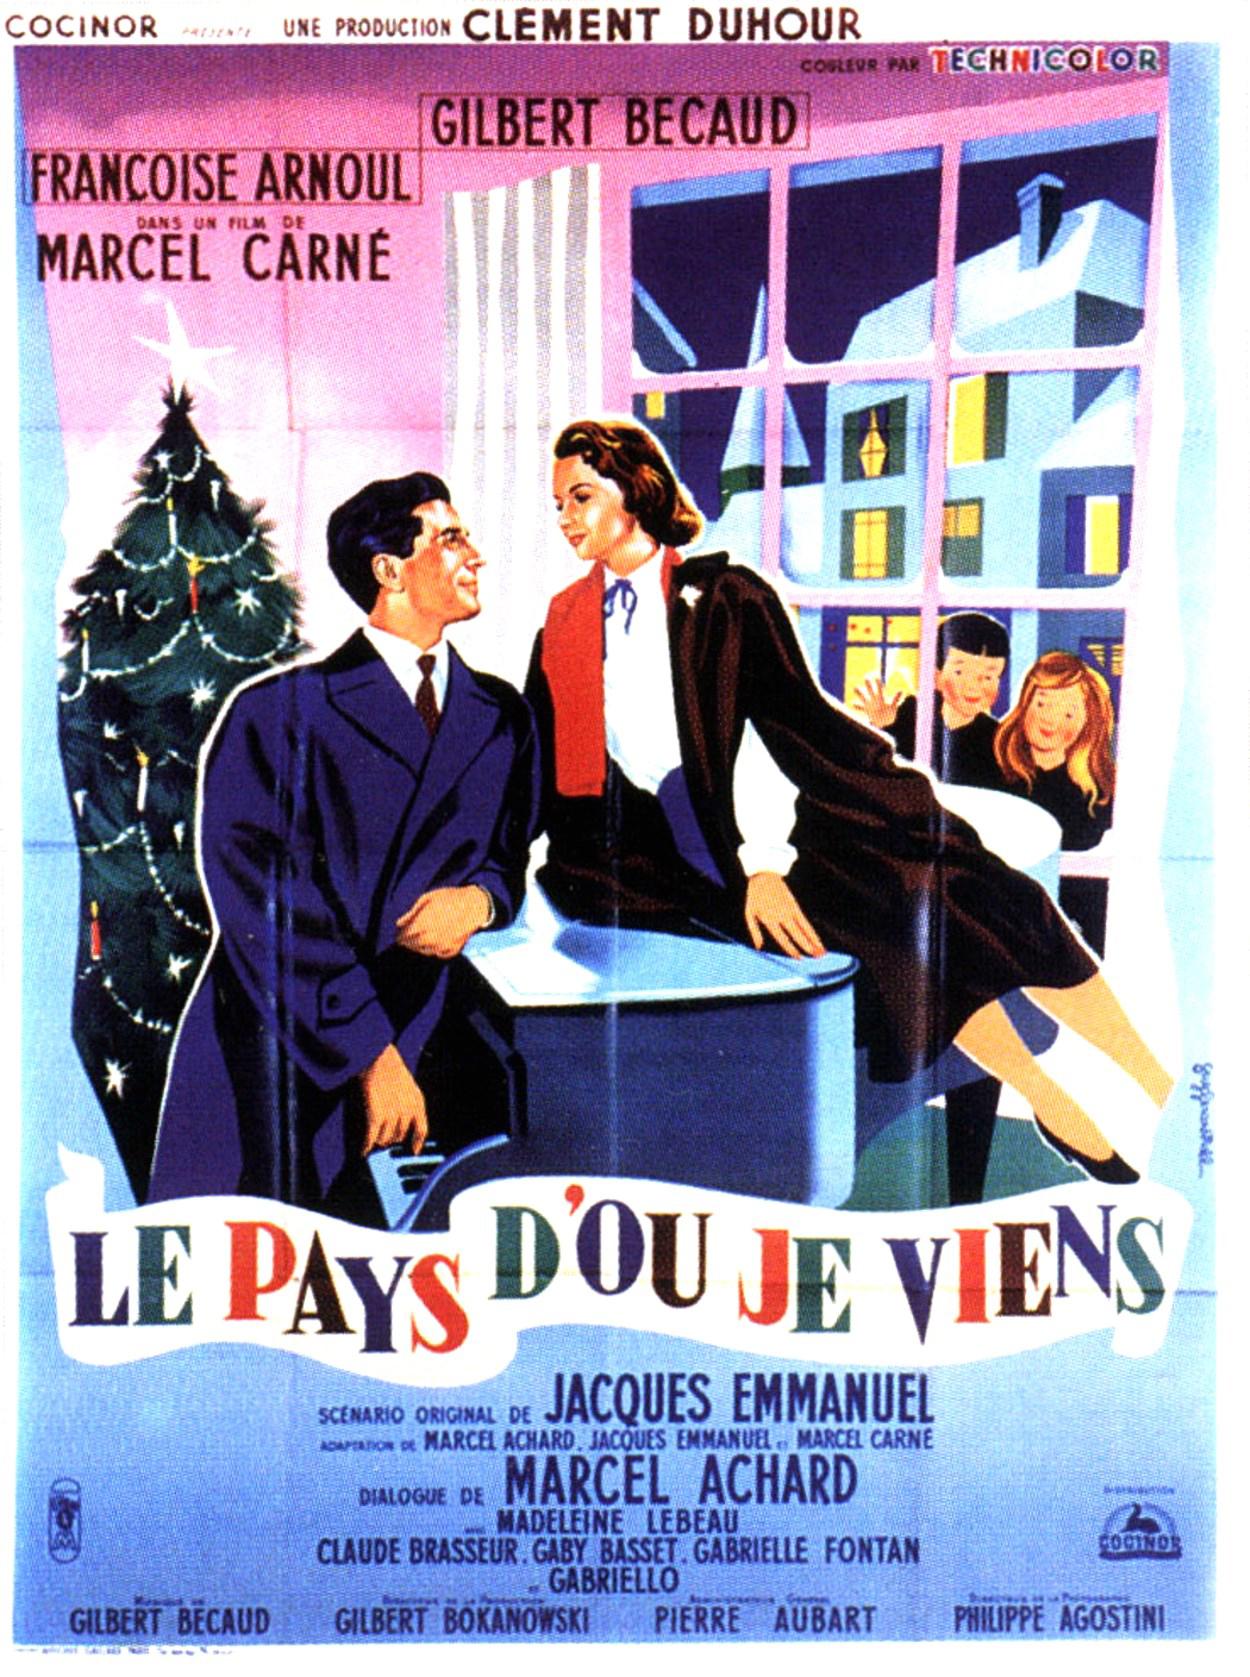 Le pays d'où je viens (1956)